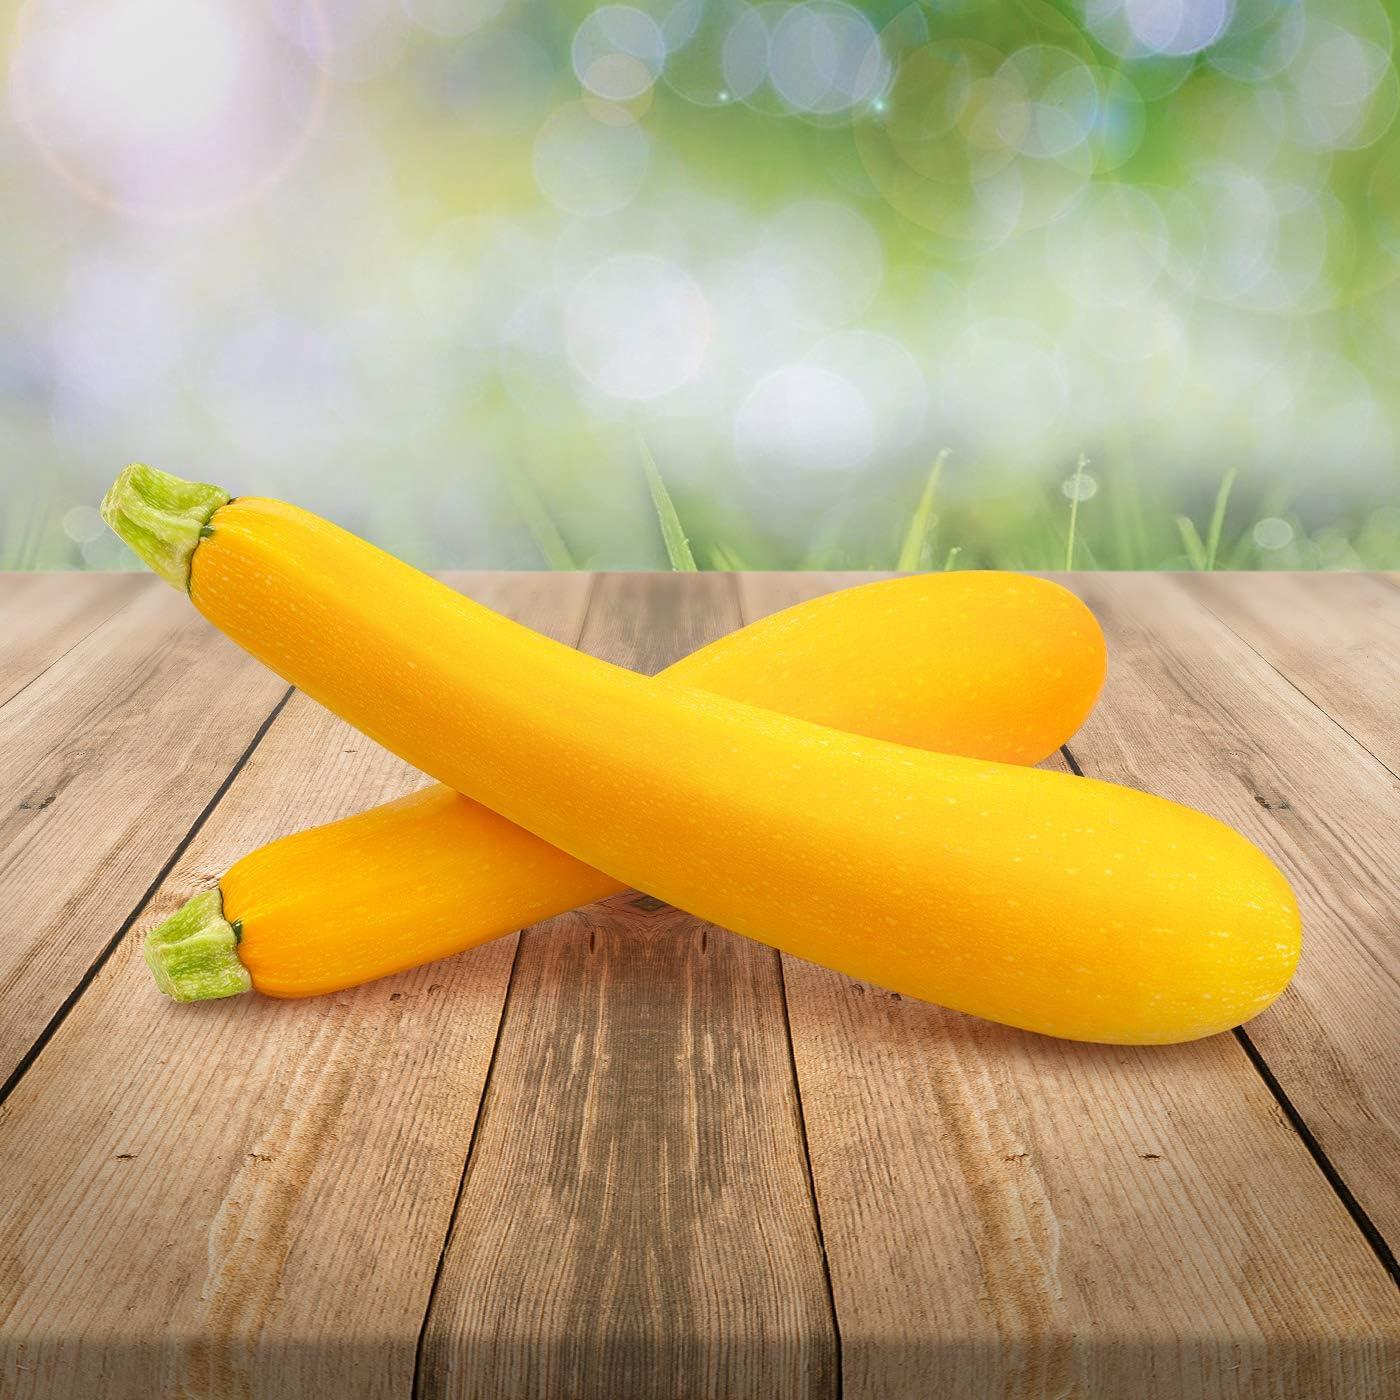 Gelbe Zucchini 5 frische Samen zartes leckeres Gemüse mediterrane Küche